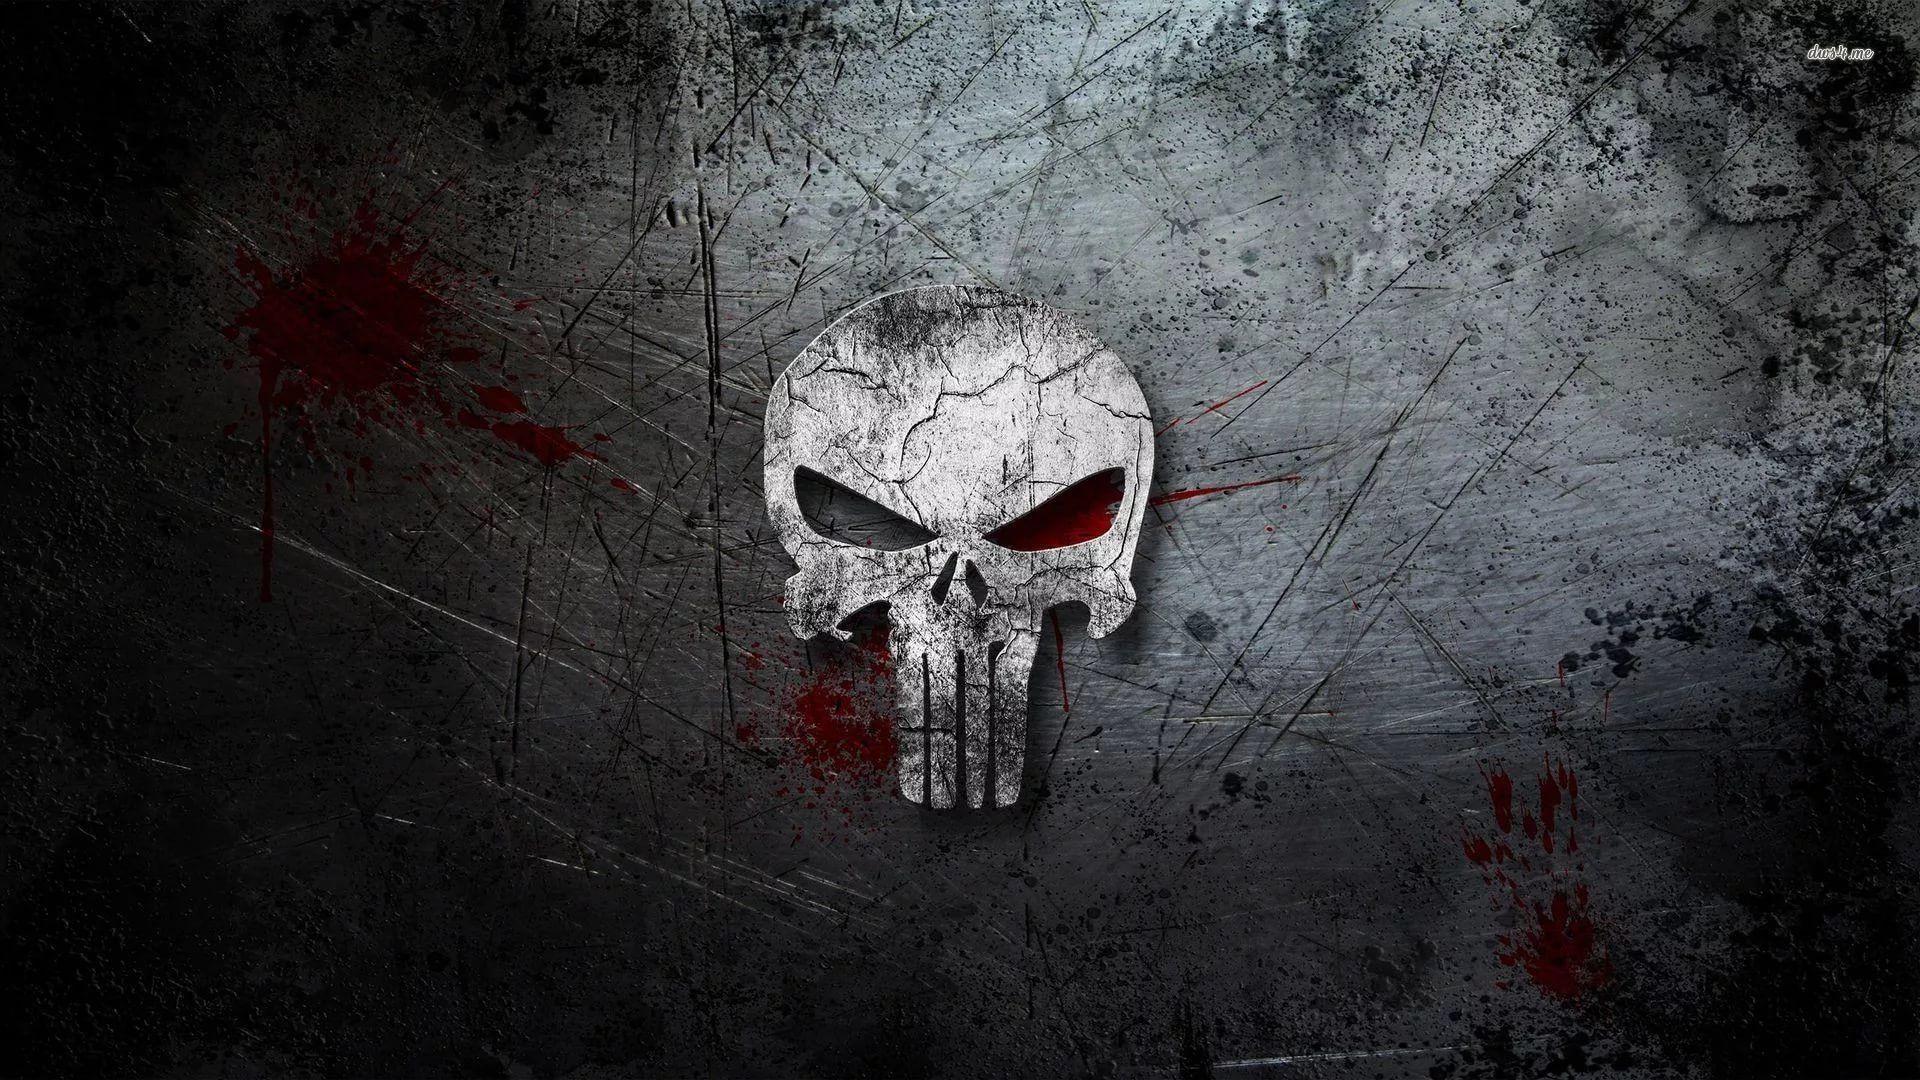 Punisher Skull wallpaper photo full hd